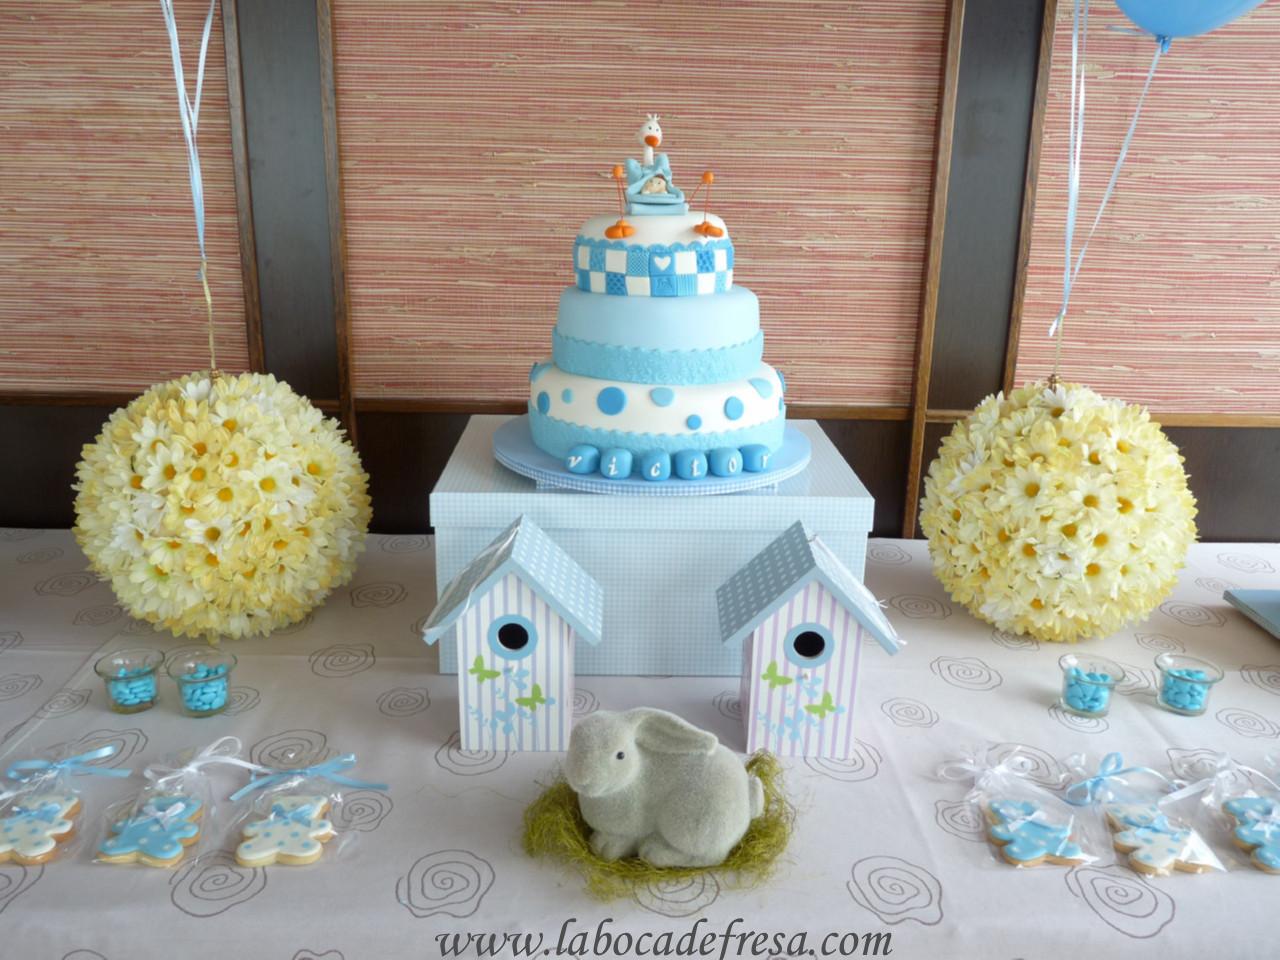 Pin como hacer un centro de mesa para baby shower ni o - Hacer mesa dulce bautizo ...